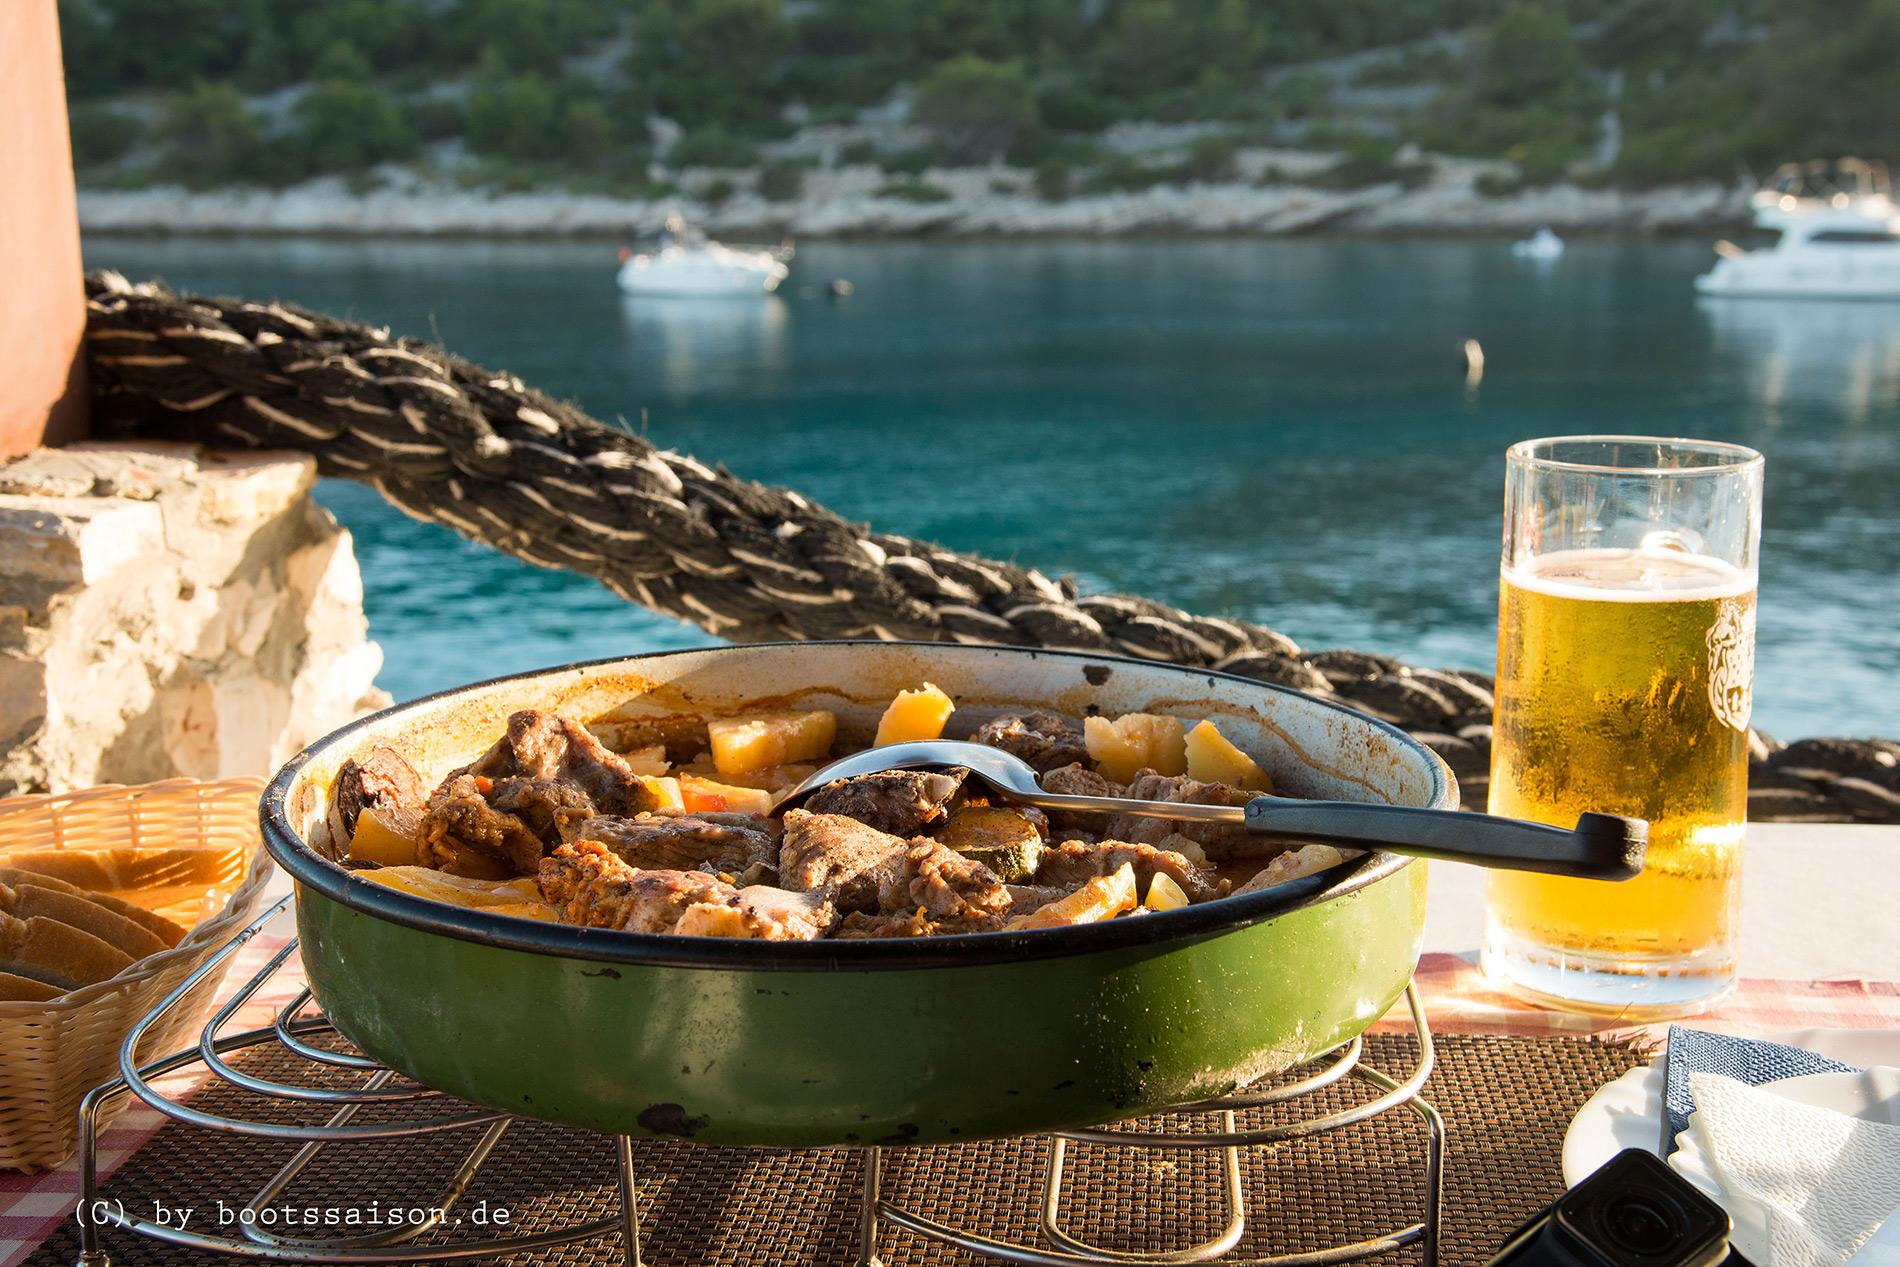 Peka, eine Spezialität aus Dalmatien